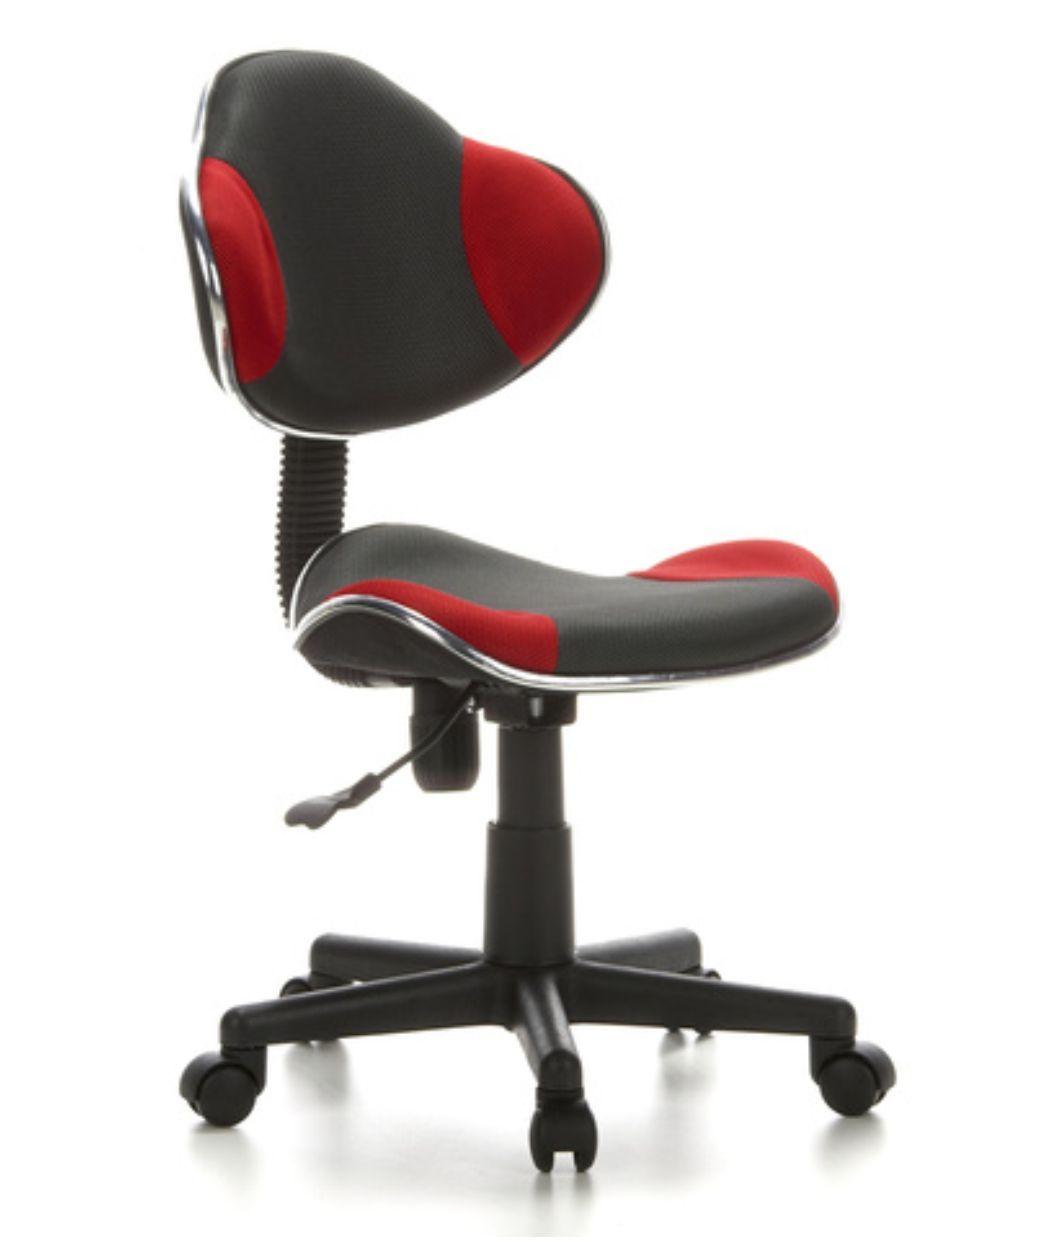 Cadeira de Escritório Secretaria Pelegrin PEL-S653 Vermelha